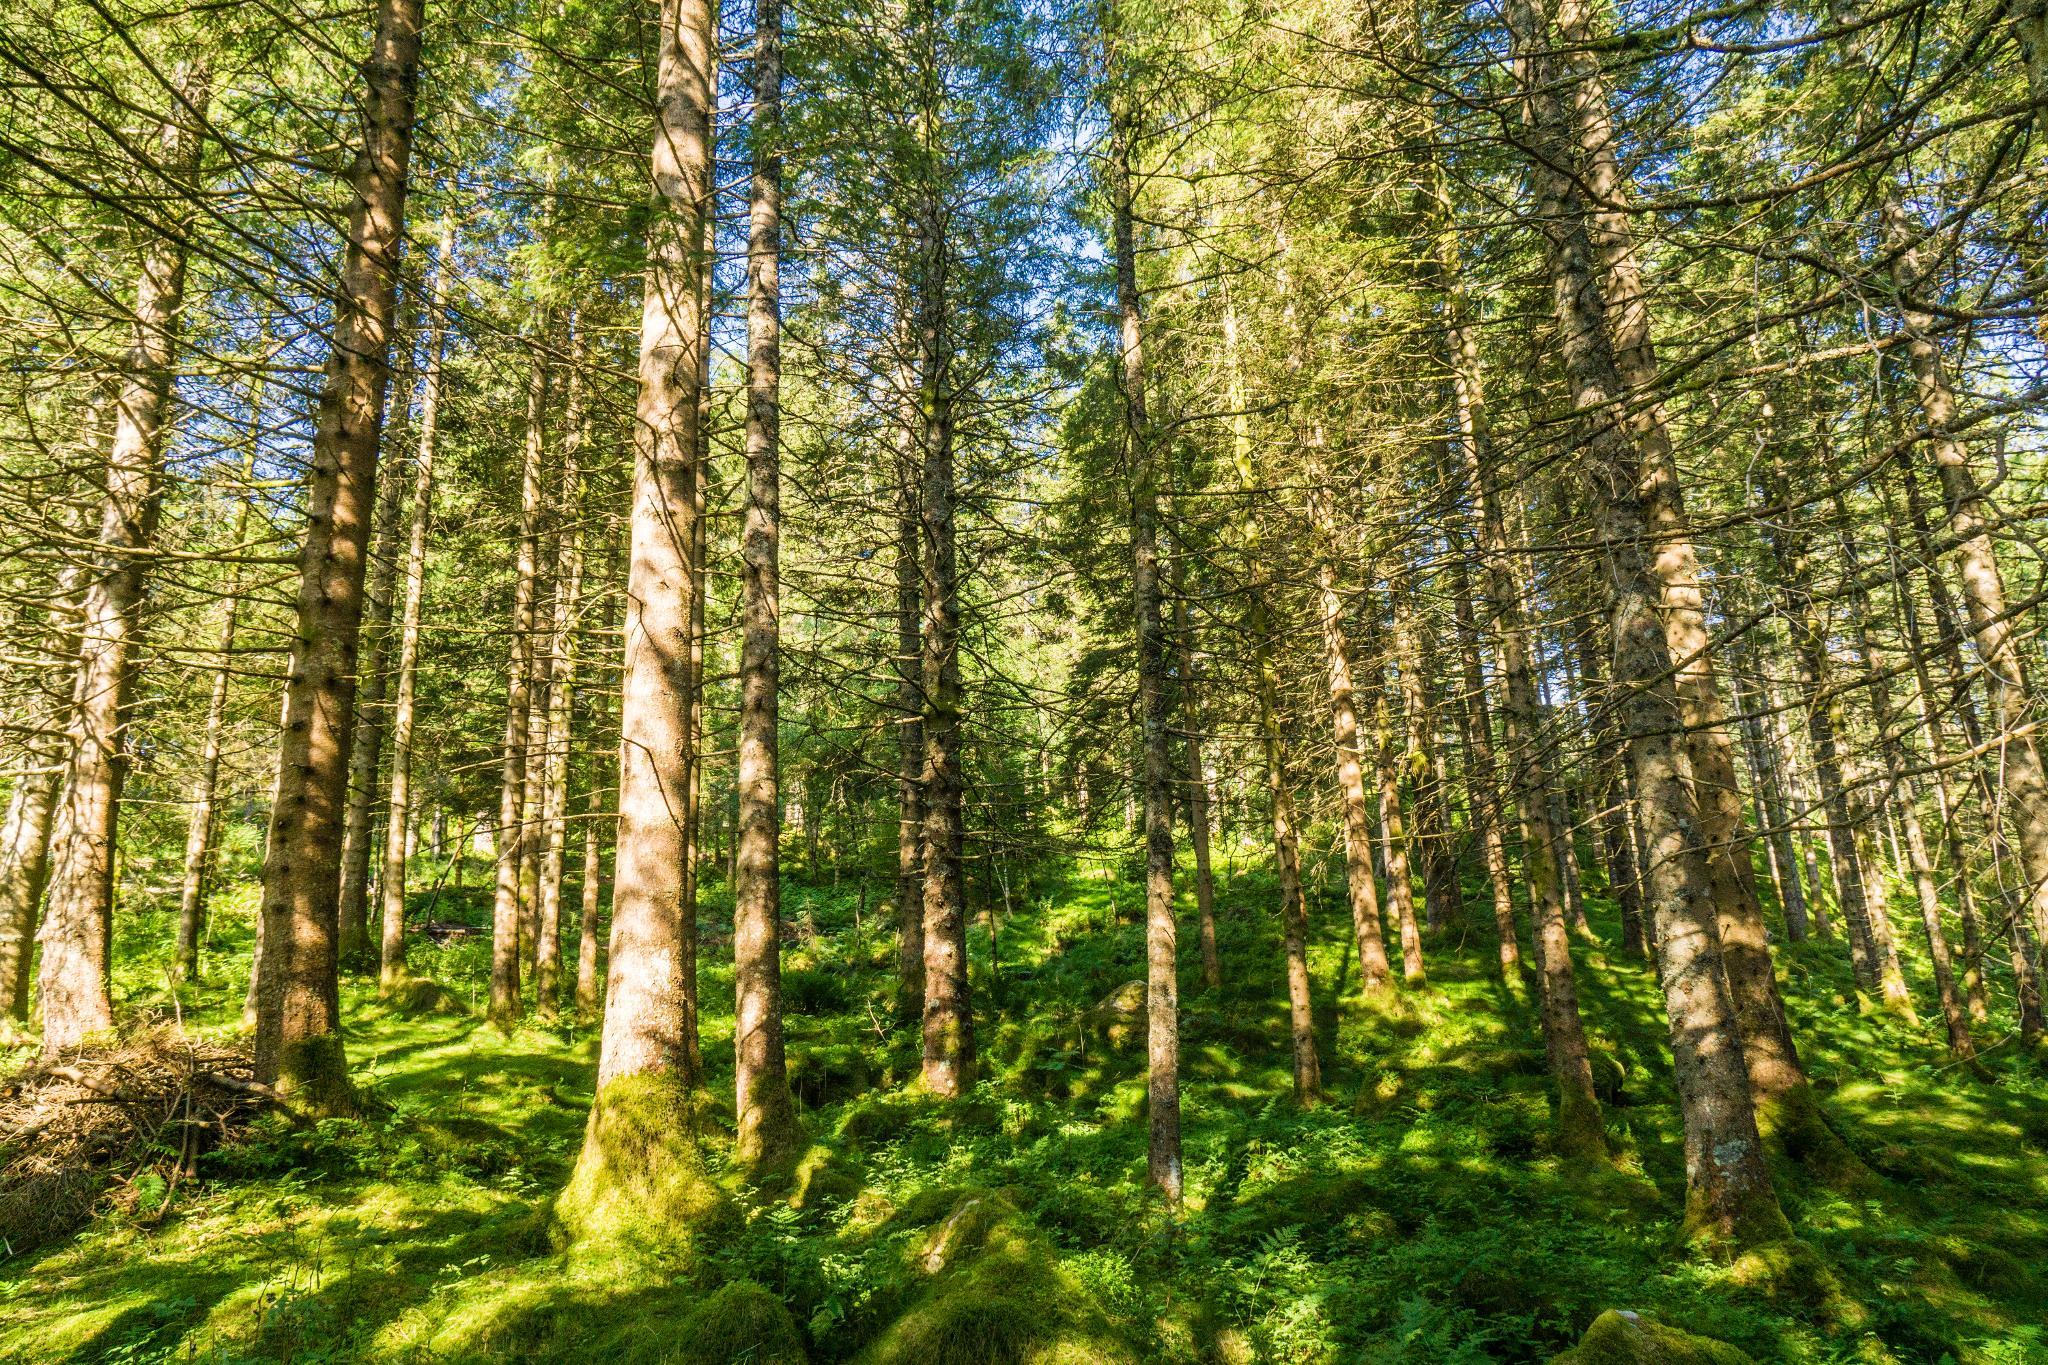 【卑爾根】超級震撼的隱藏版挪威景點 — Stoltzekleiven桑德維克斯石梯與Fløyen佛洛伊恩觀景台大縱走 23